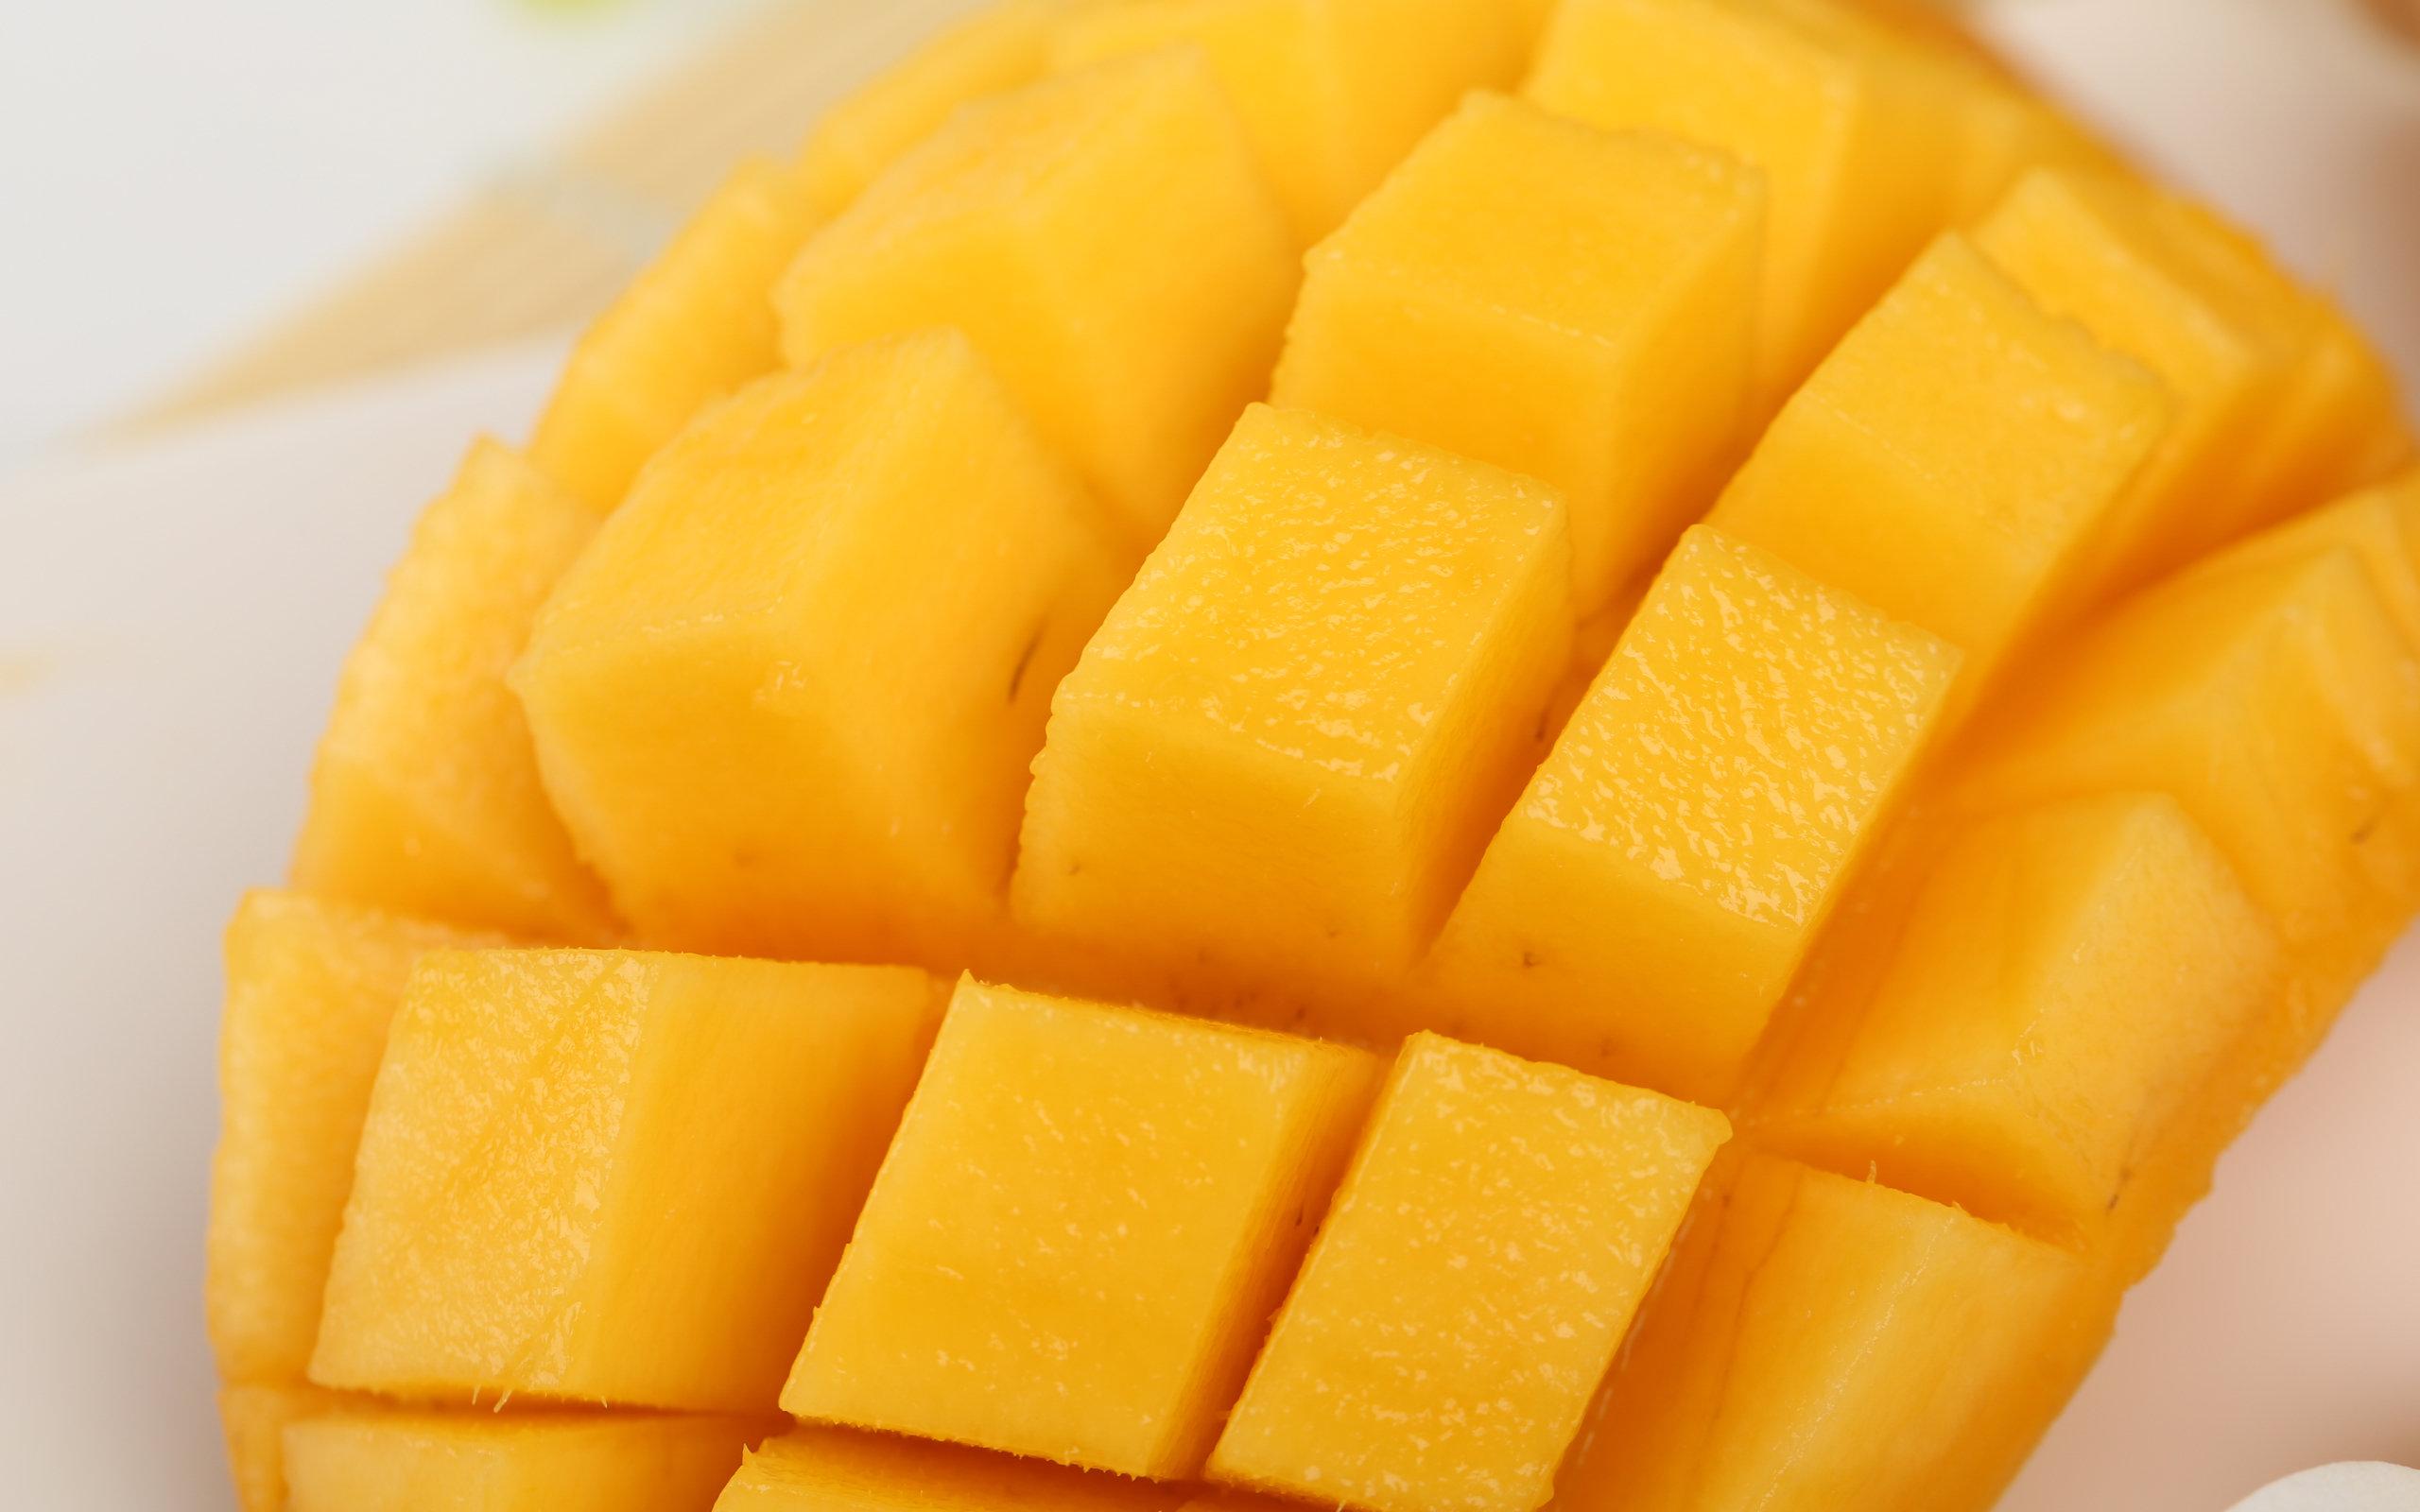 吃芒果有哪些不为人知的好处呢?